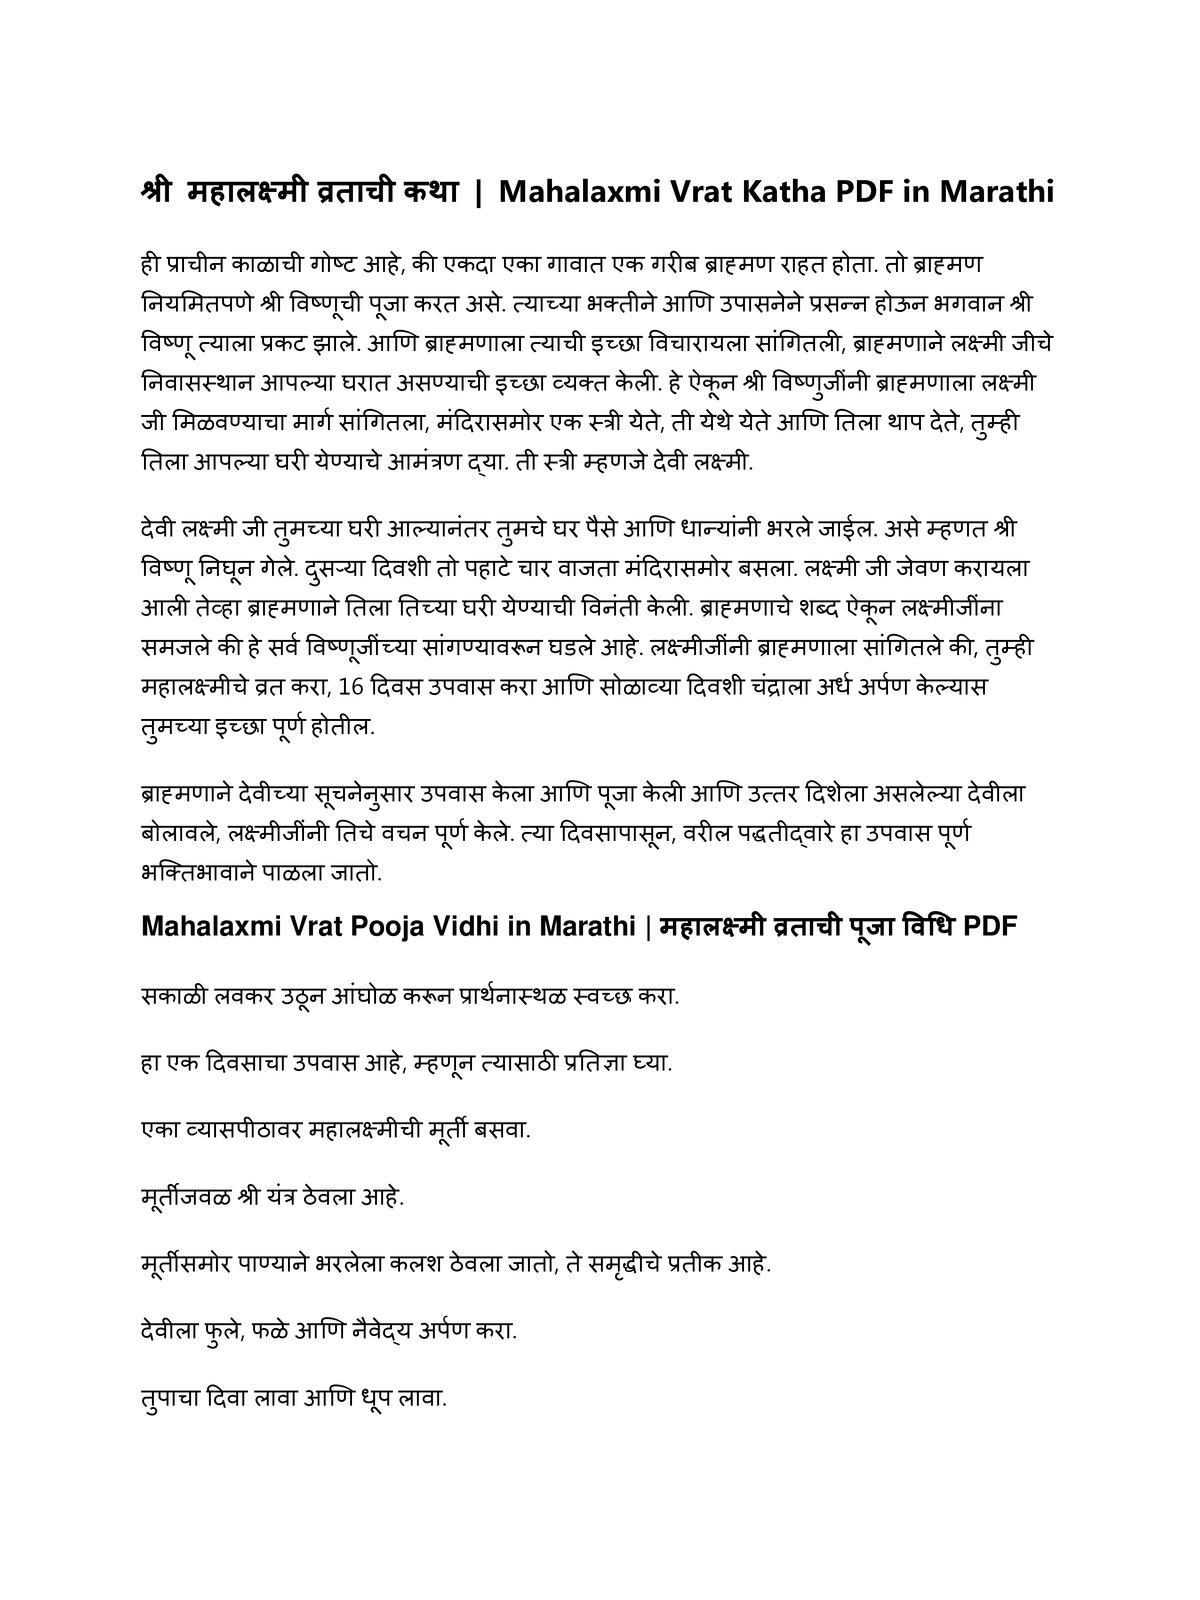 श्रीमहालक्ष्मी व्रताची कथा   Mahalaxmi Vrat Katha pdf